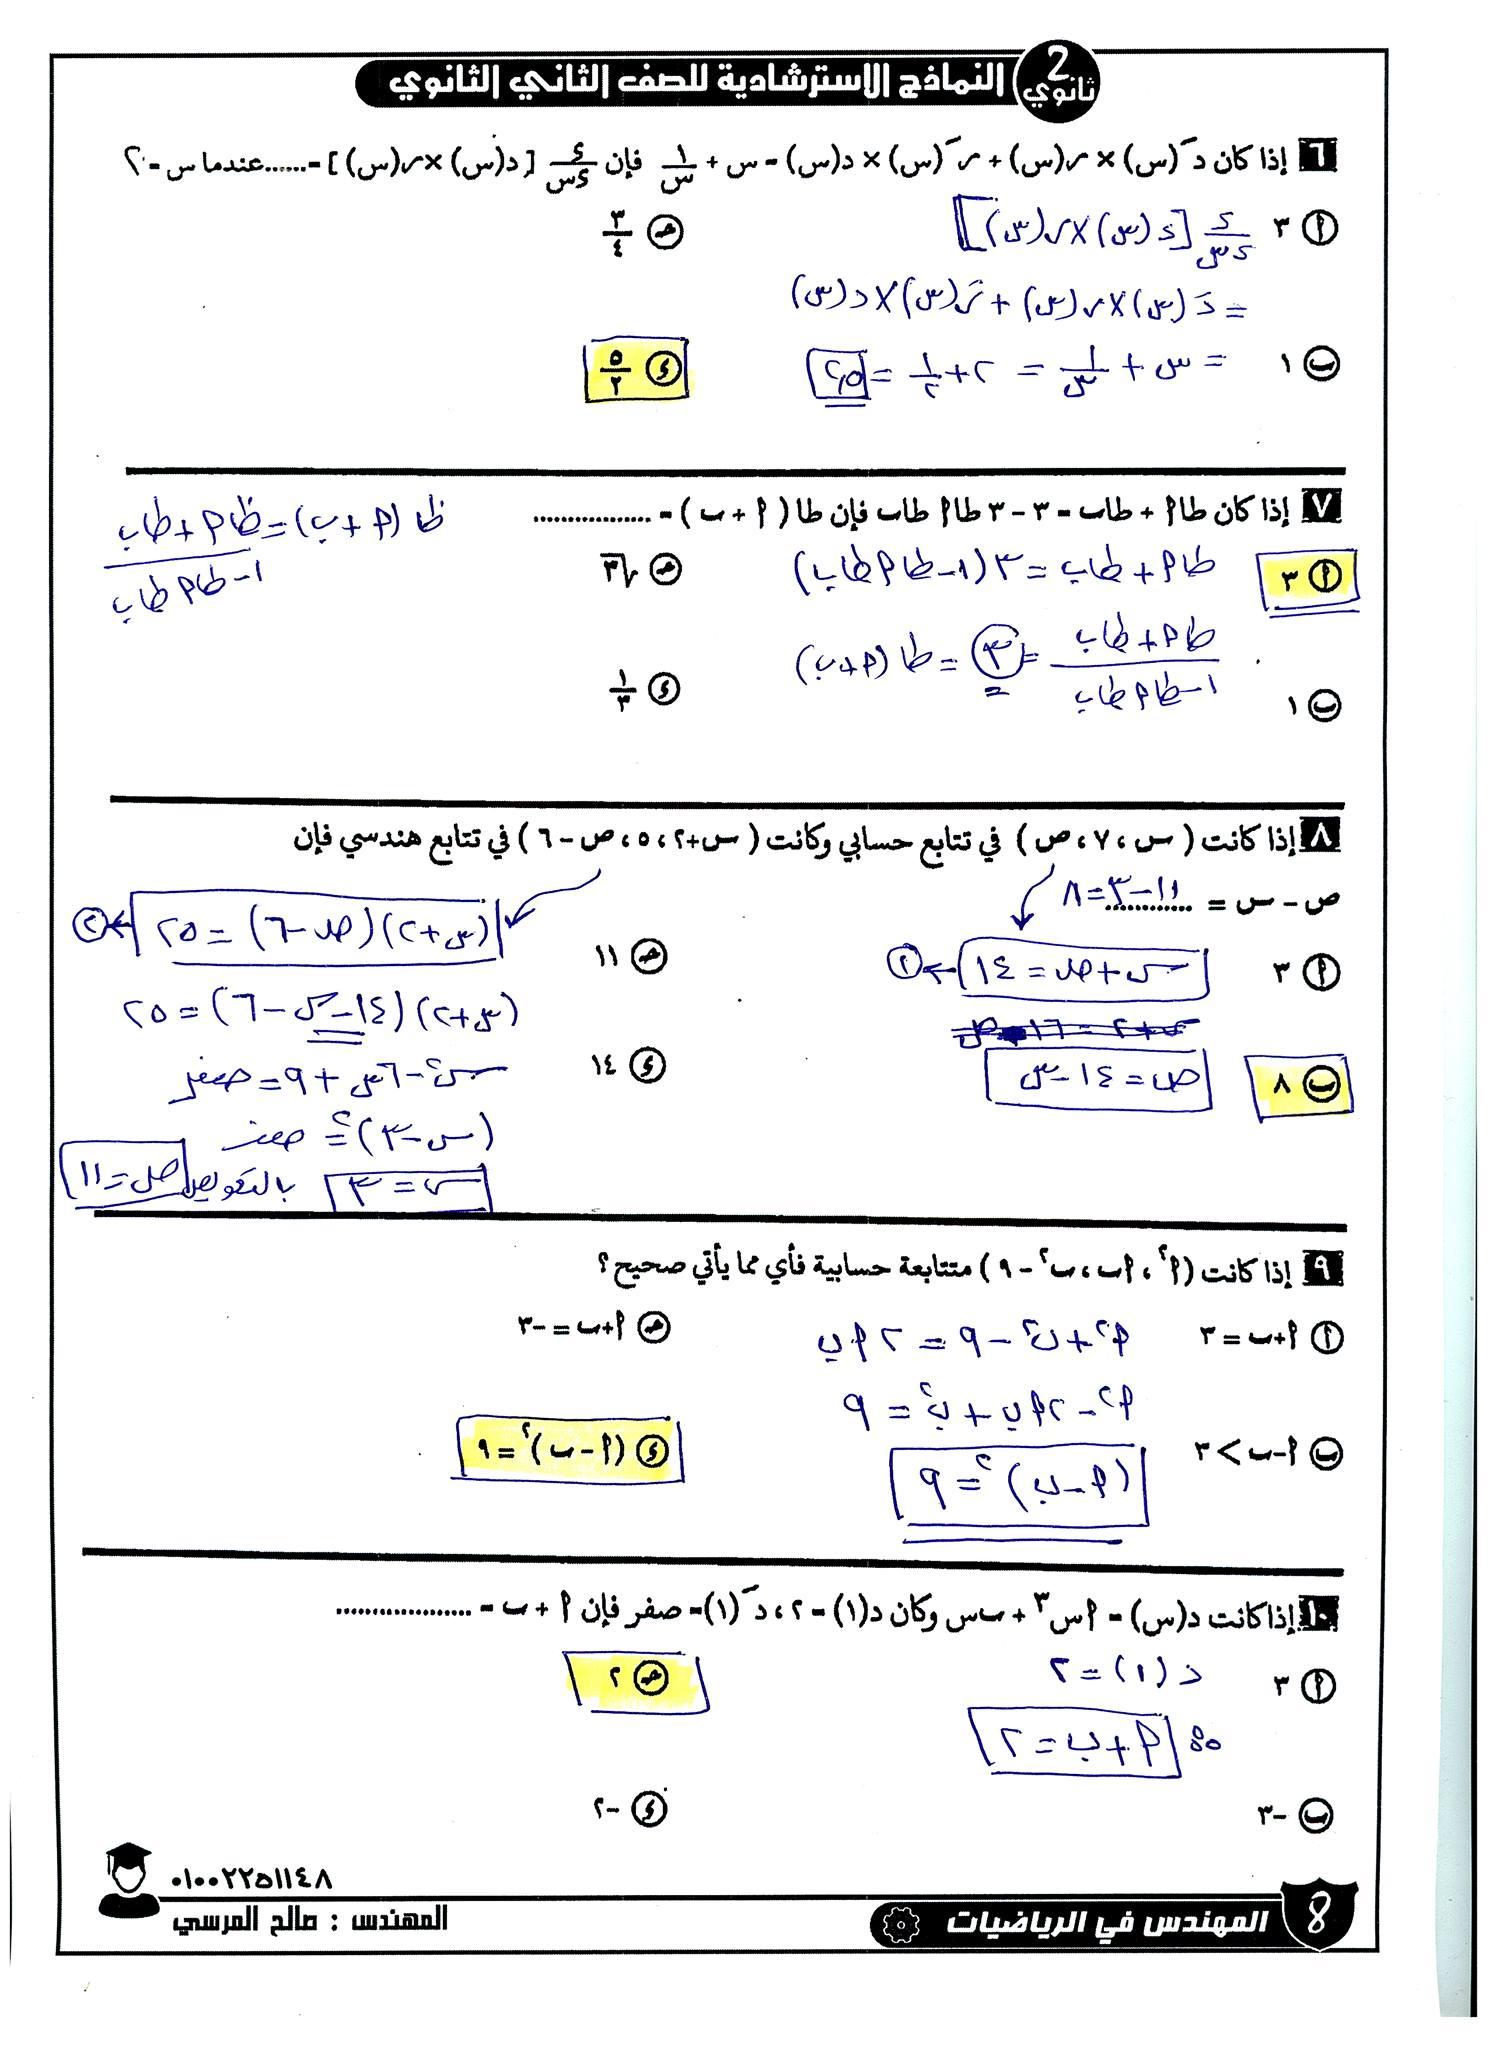 مراجعة ليلة امتحان الرياضيات البحتة للصف الثاني الثانوي بالاجابات 8